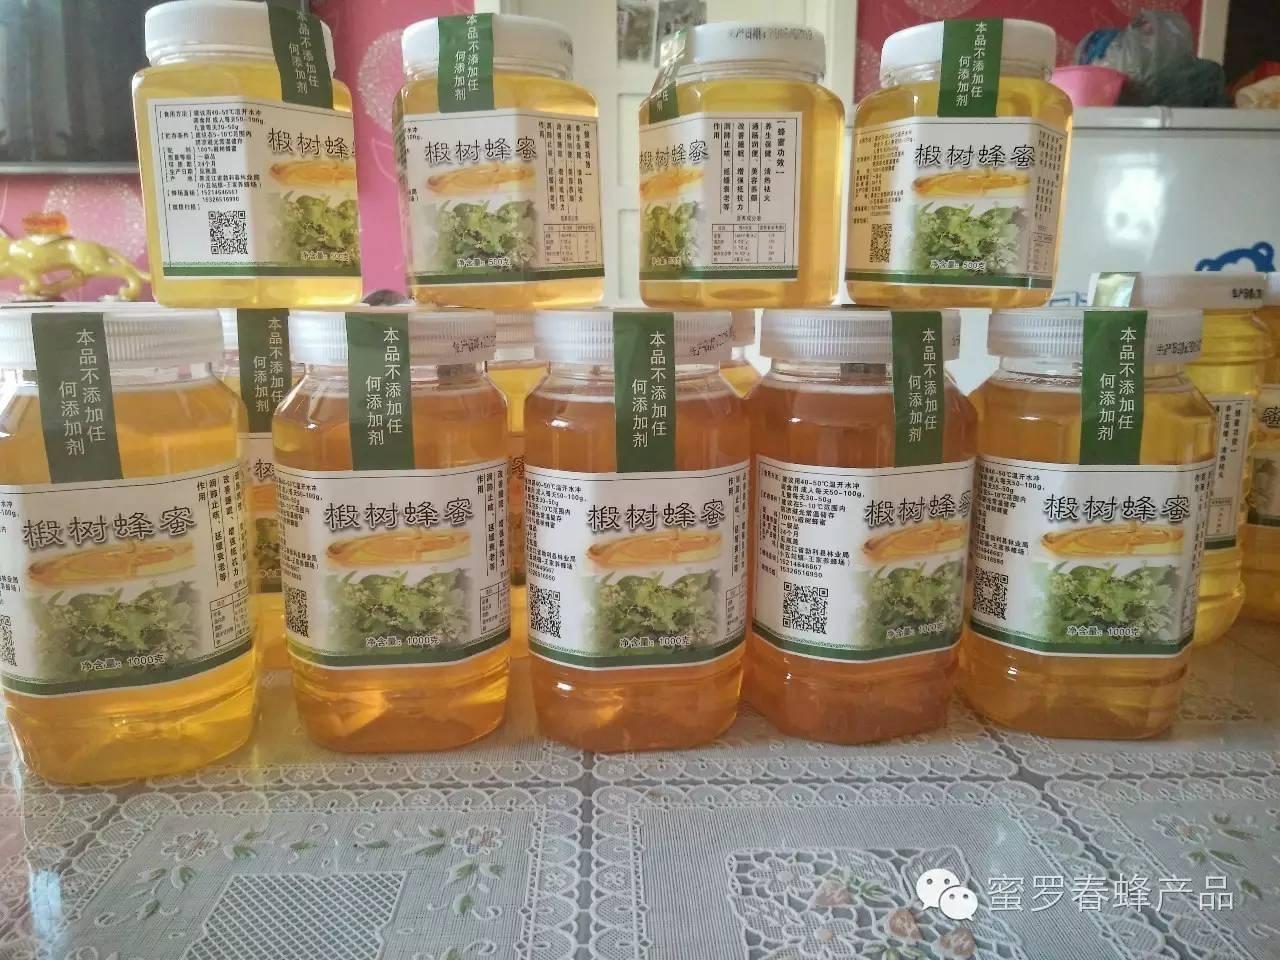 蜂蜜水可以火吗 蜂蜜棒 桂圆枸杞蜂蜜茶 blackmores蜂蜜 野生山蜂蜜